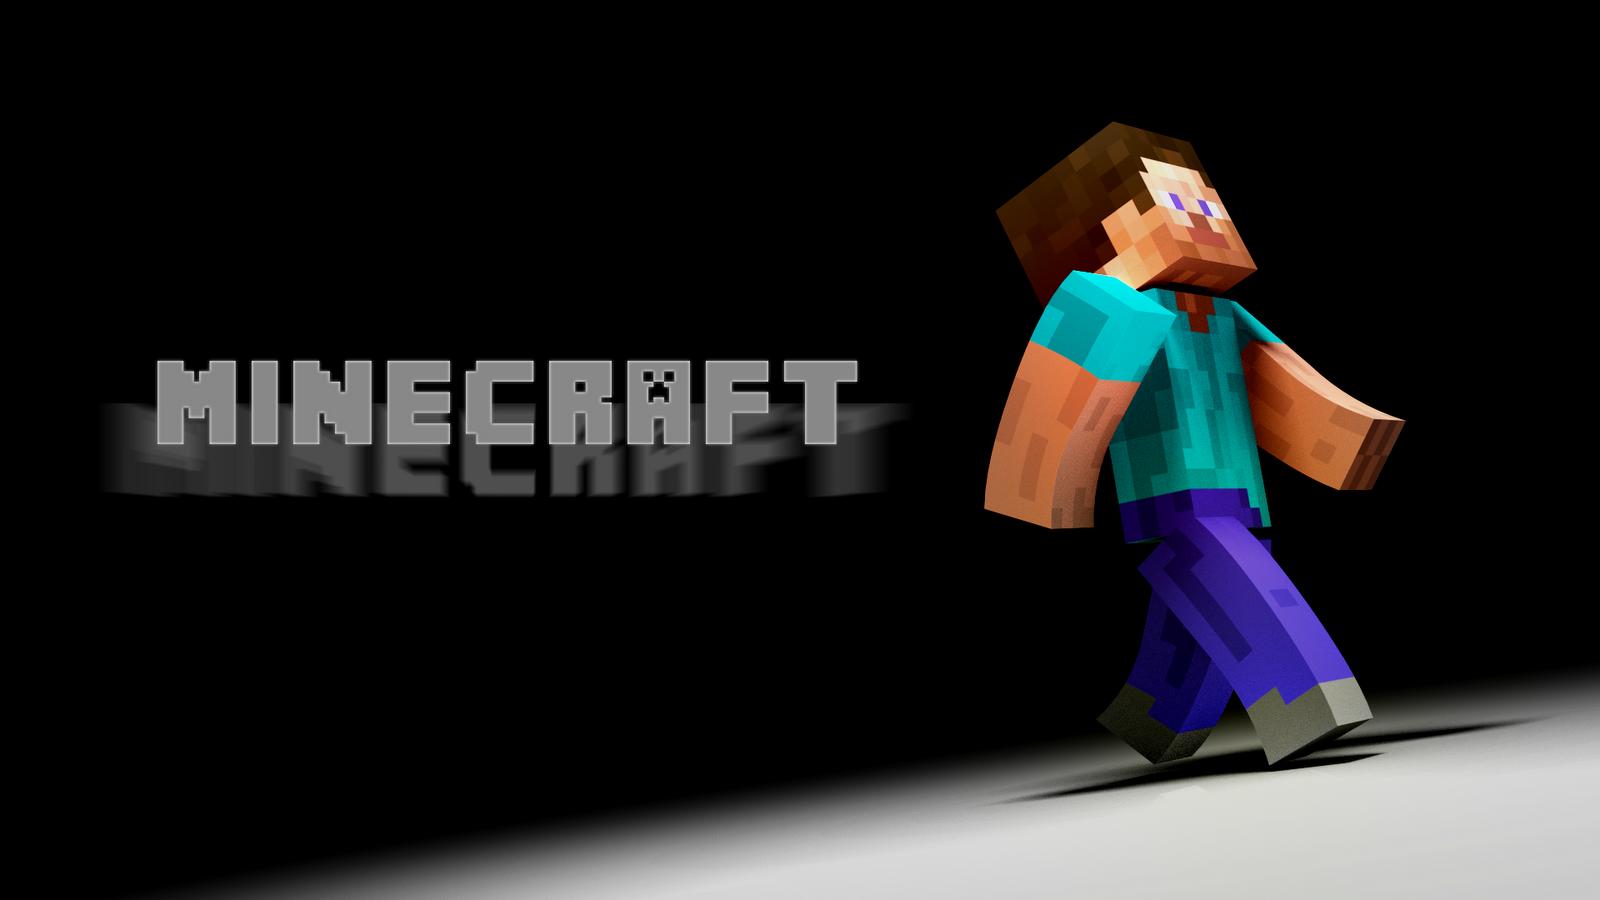 24 Hour Renders Minecraft Desktop Background 1600x900